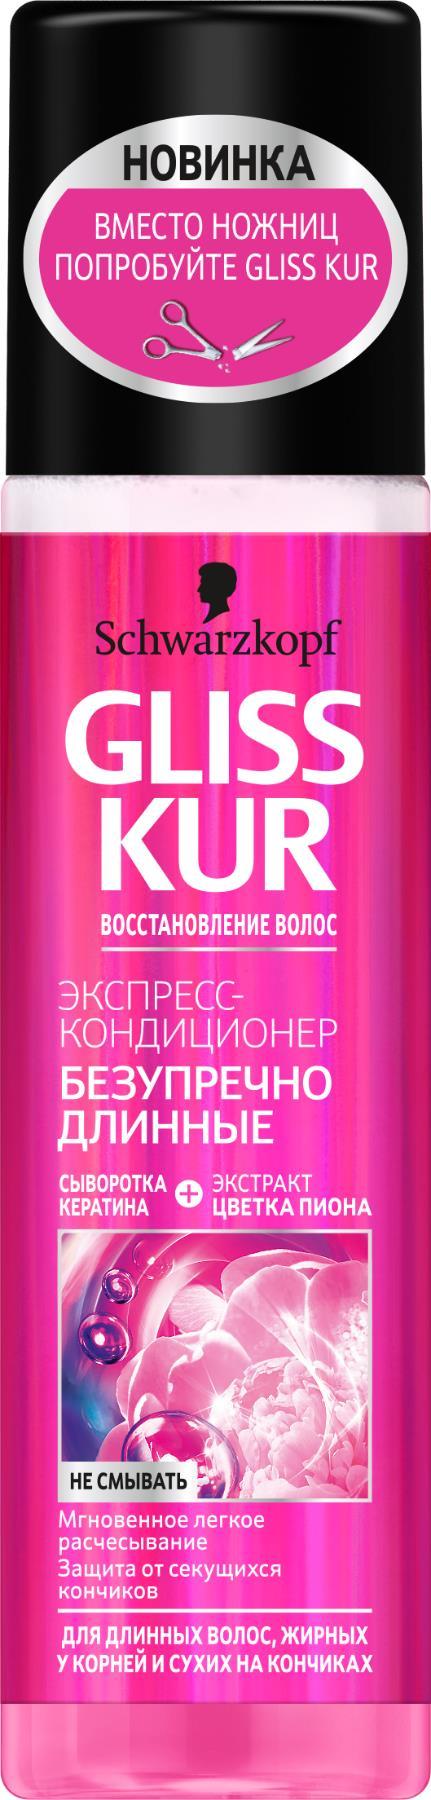 Gliss Kur Экспресс-кондиционер Безупречно длинные, 200 мл2263386Экспресс-кондиционер Gliss Kur БЕЗУПРЕЧНО ДЛИННЫЕ обеспечивает: 1. мгновенное легкое расчесывание 2. восстановление и защиту от секущих кончиков 3. струящиеся волосы